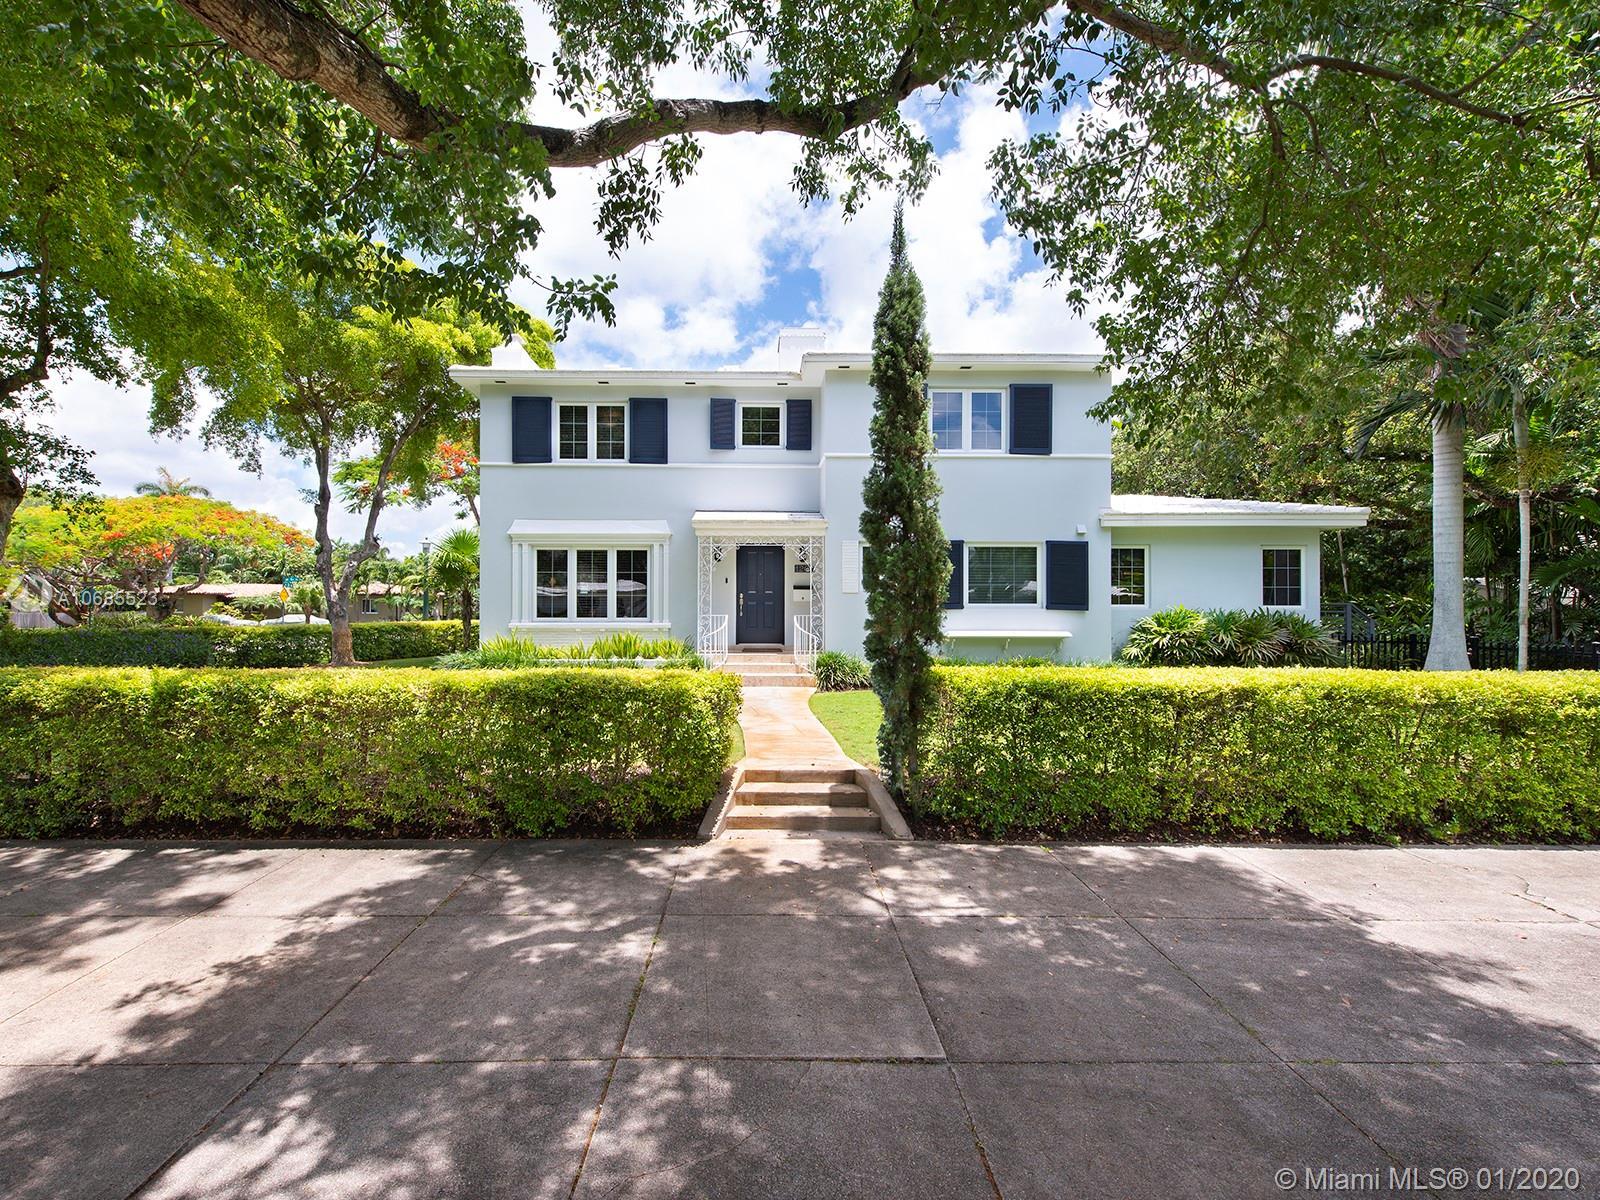 1201 NE 101st St Property Photo - Miami Shores, FL real estate listing